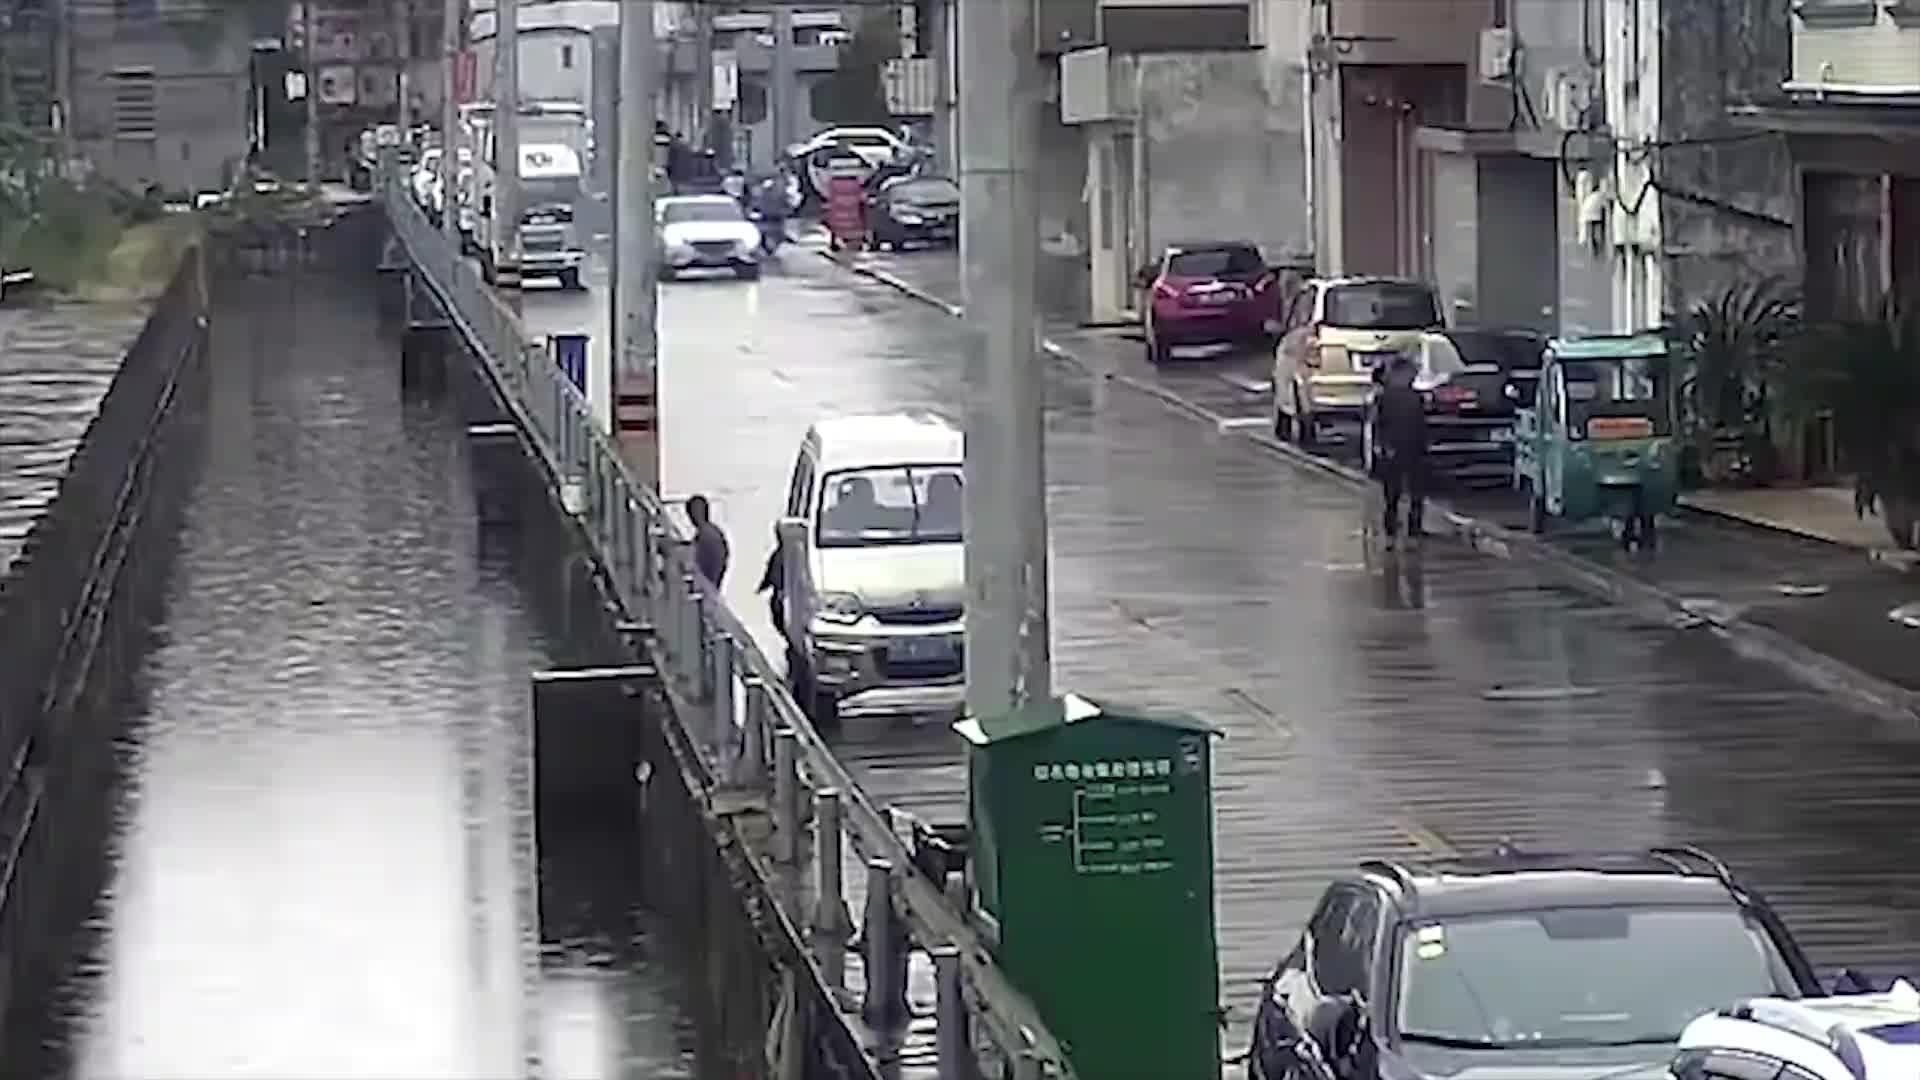 [视频]3岁女童河边玩耍不慎落水 10岁男童机智救人